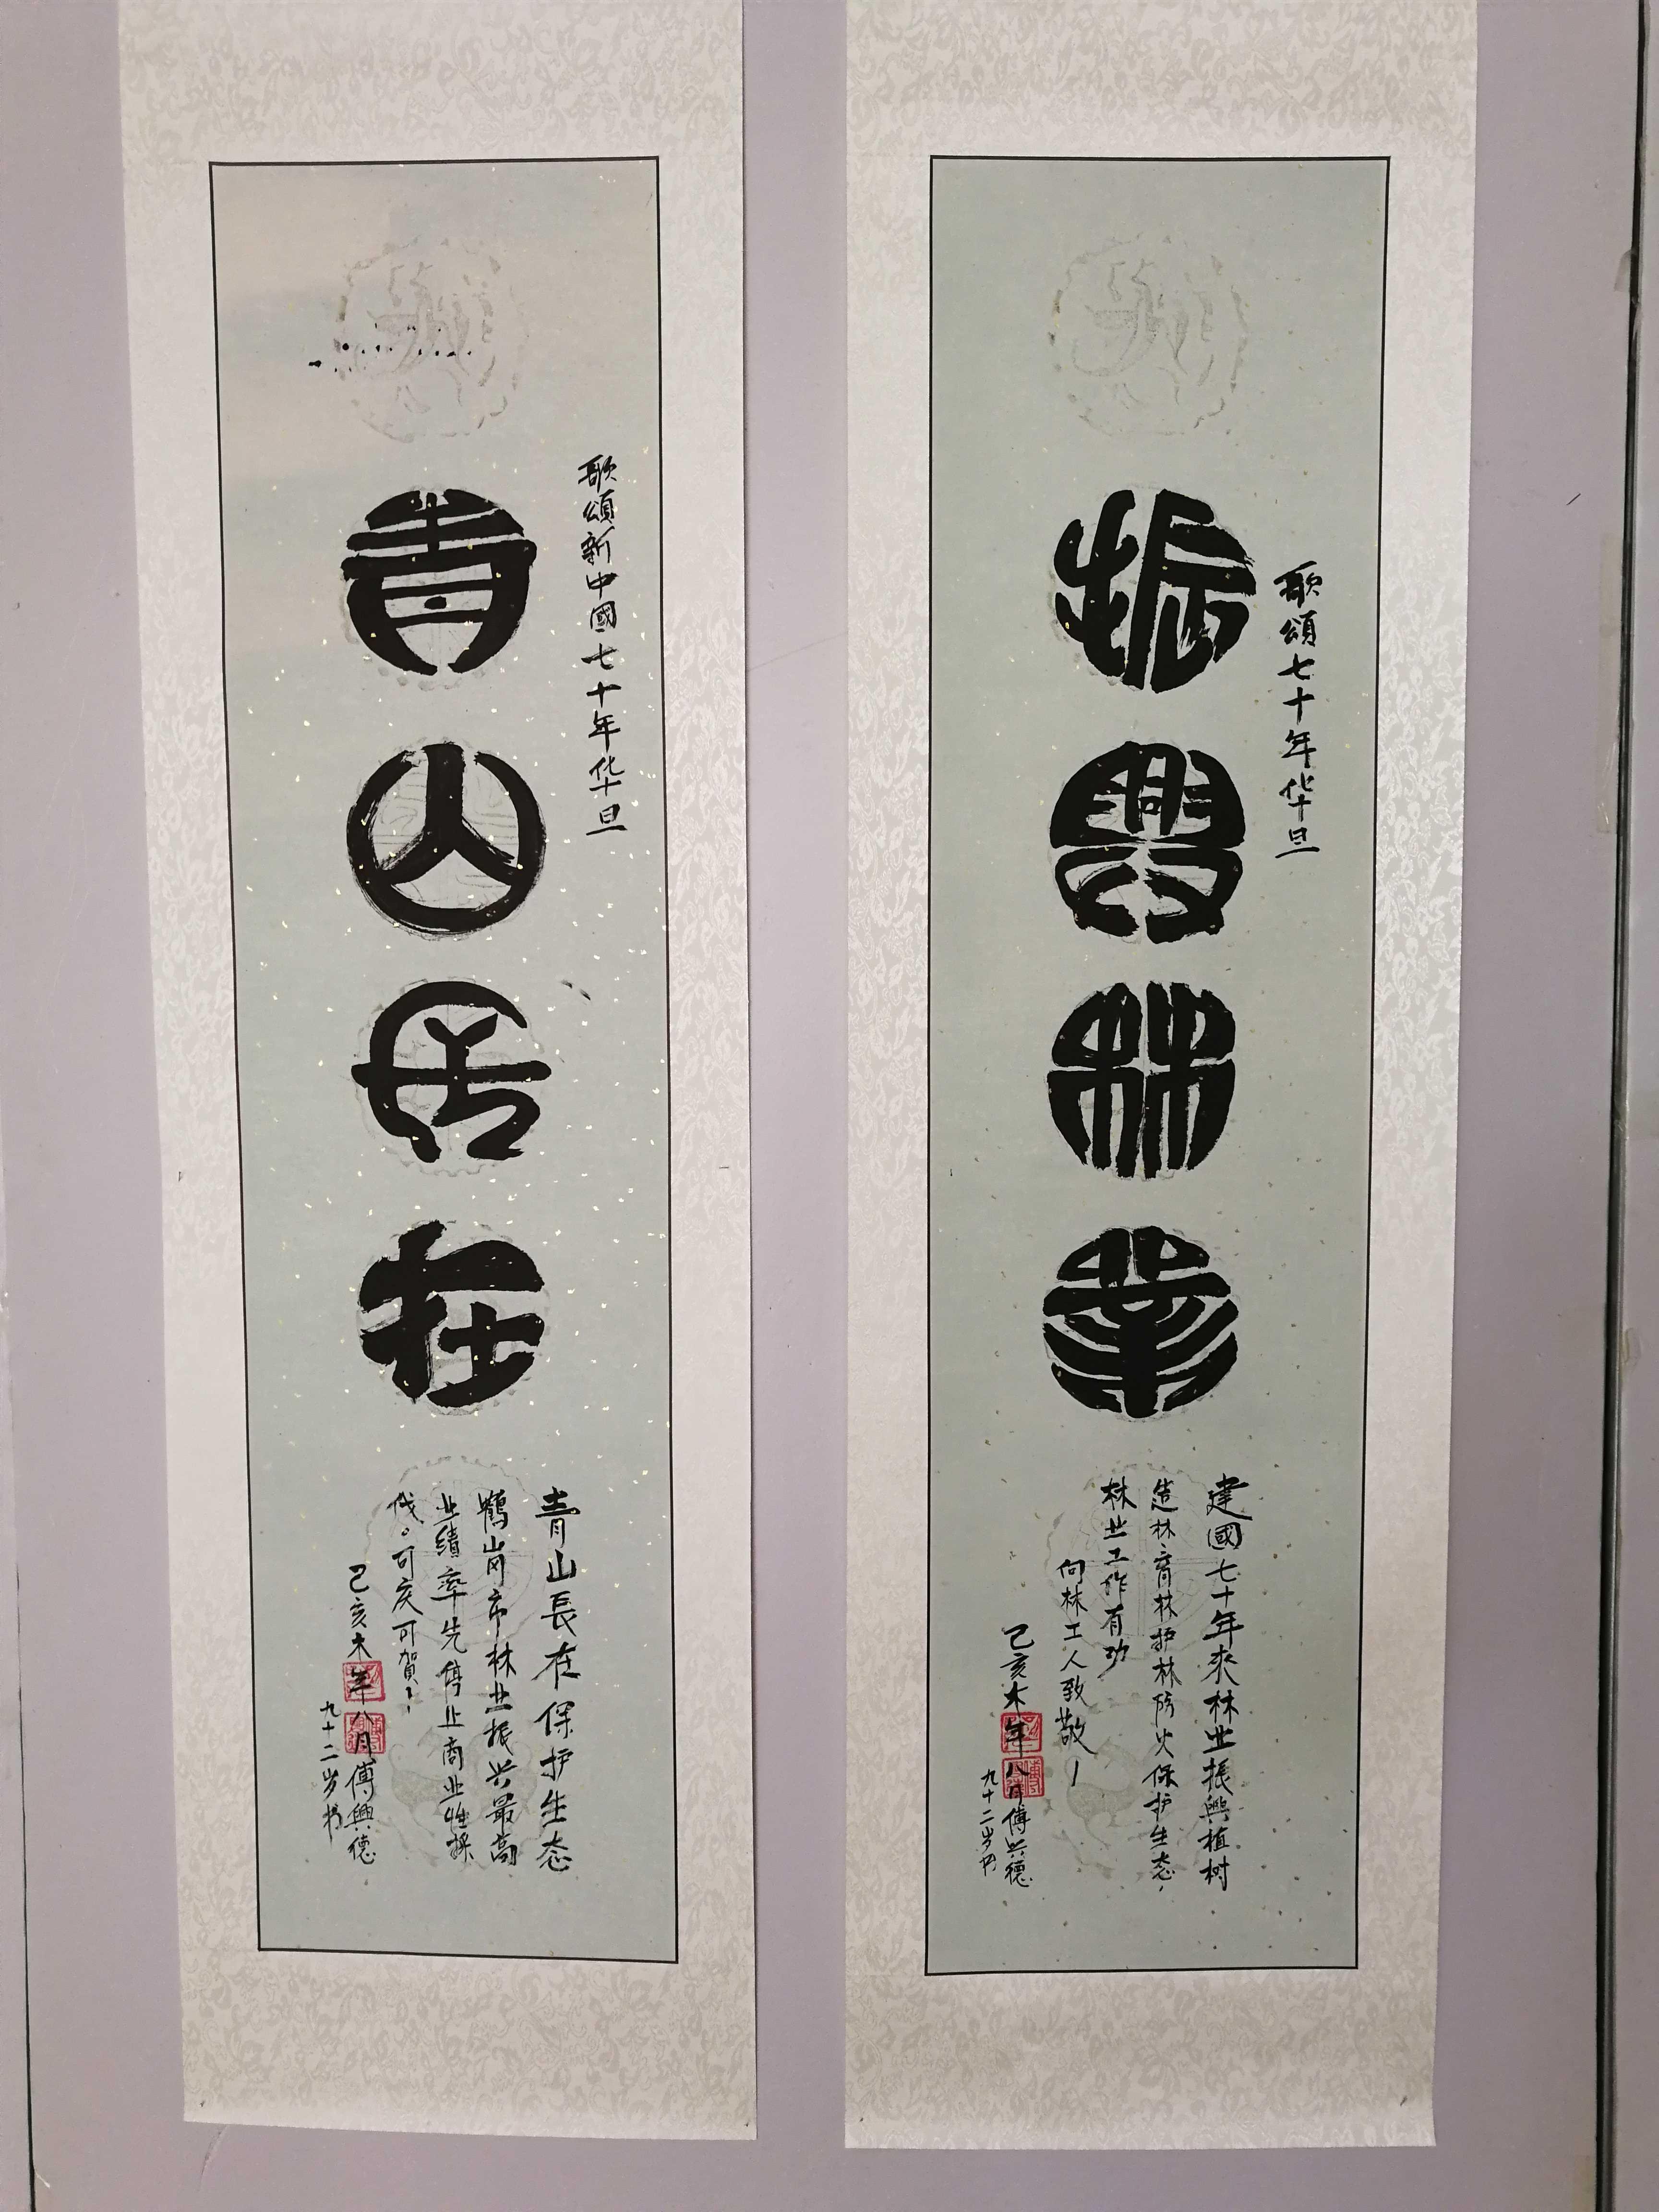 十一字画展-1110434409